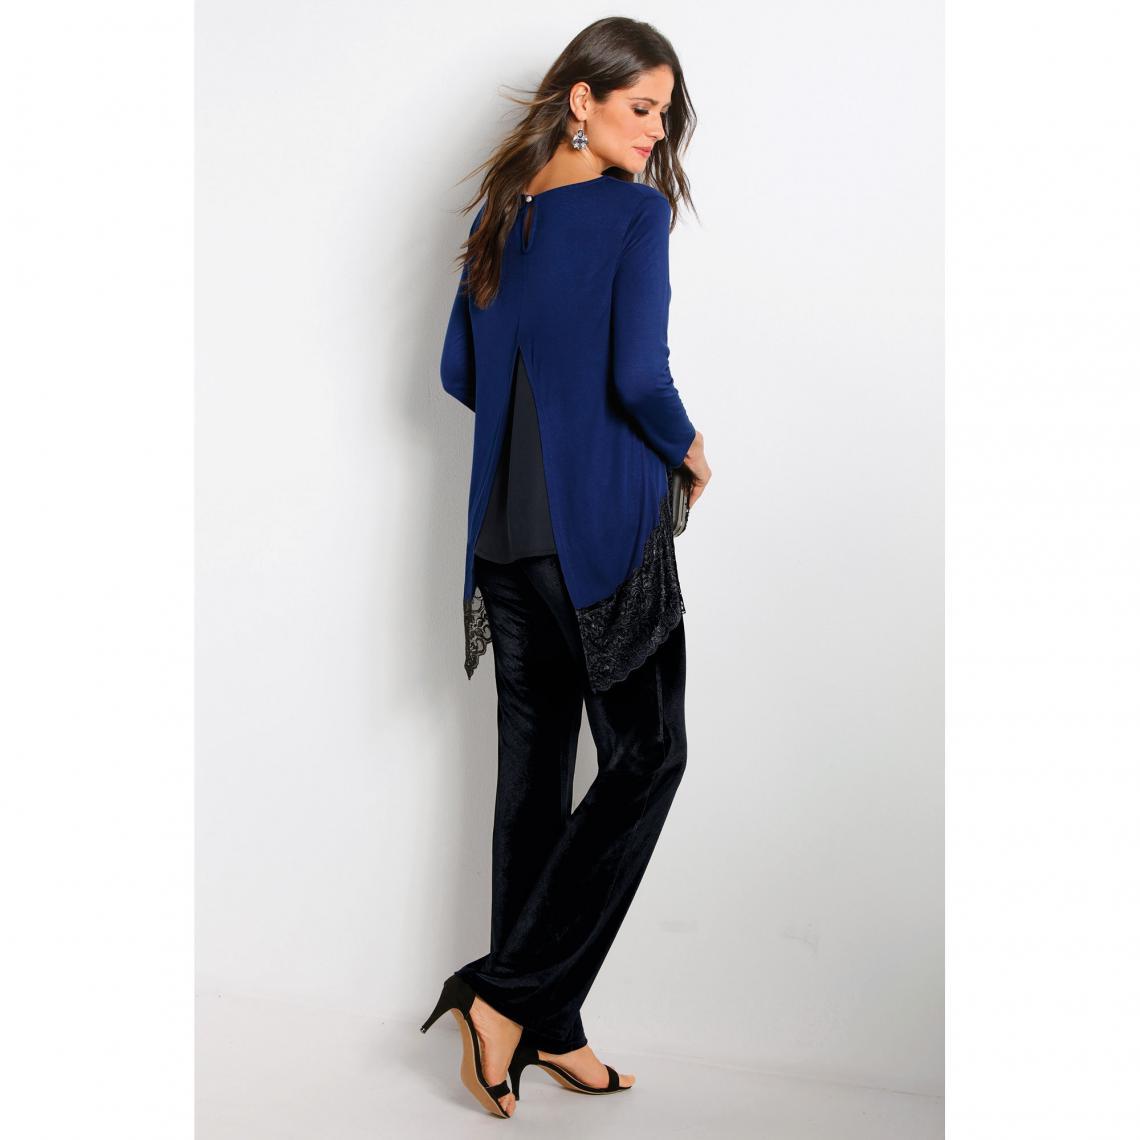 12241ed666c2f Pantalon habillé en velours femme Exclusivité 3SUISSES - Noir   3Suisses